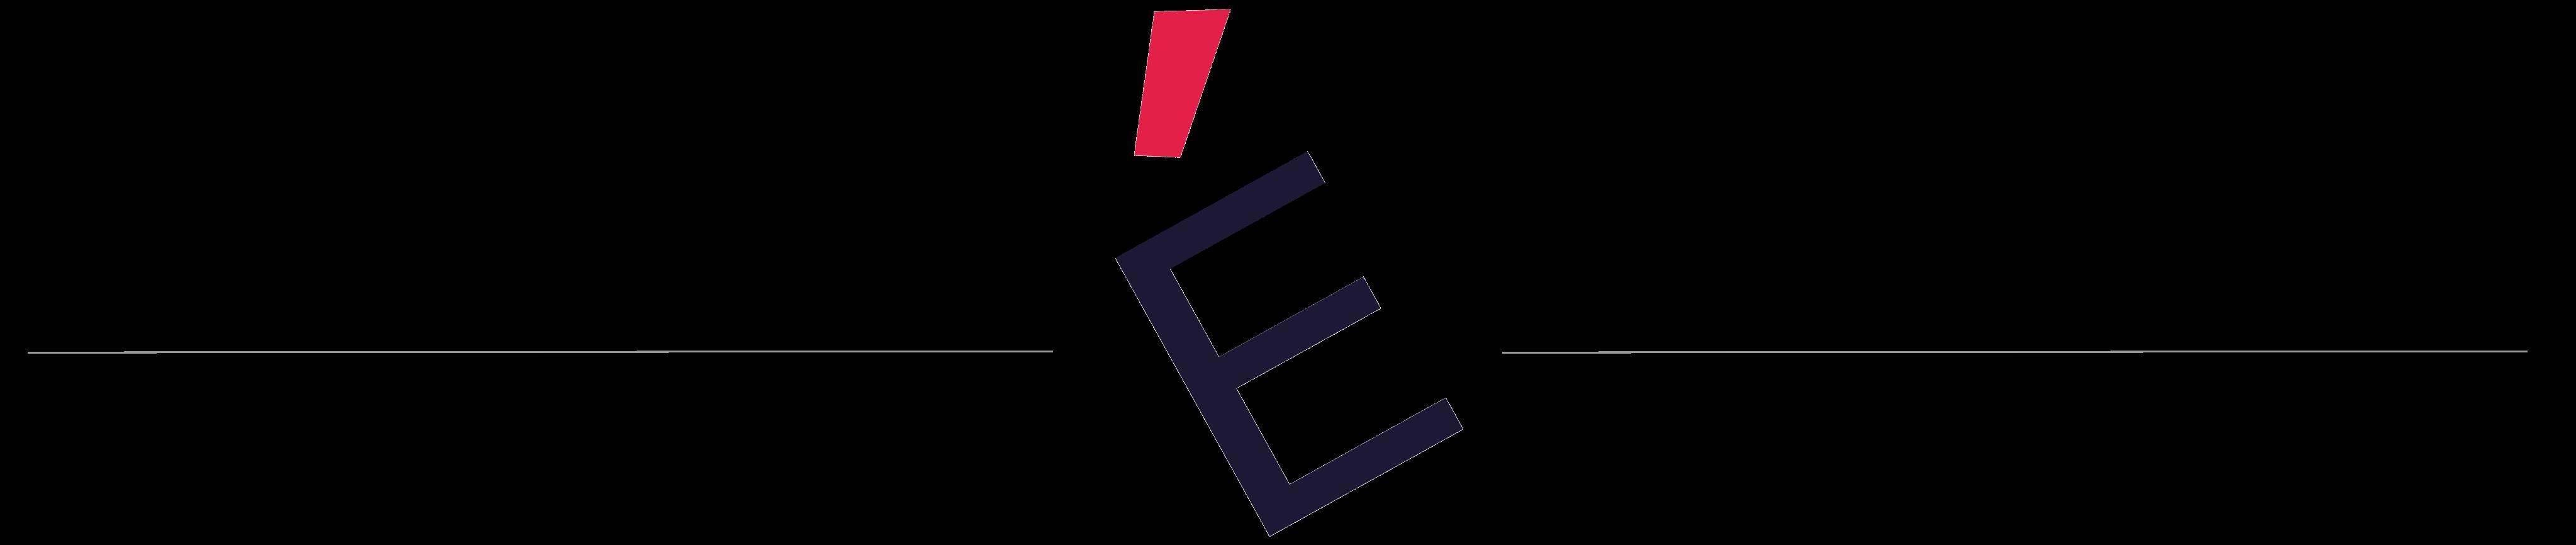 Icono-bicolor girado lineapng